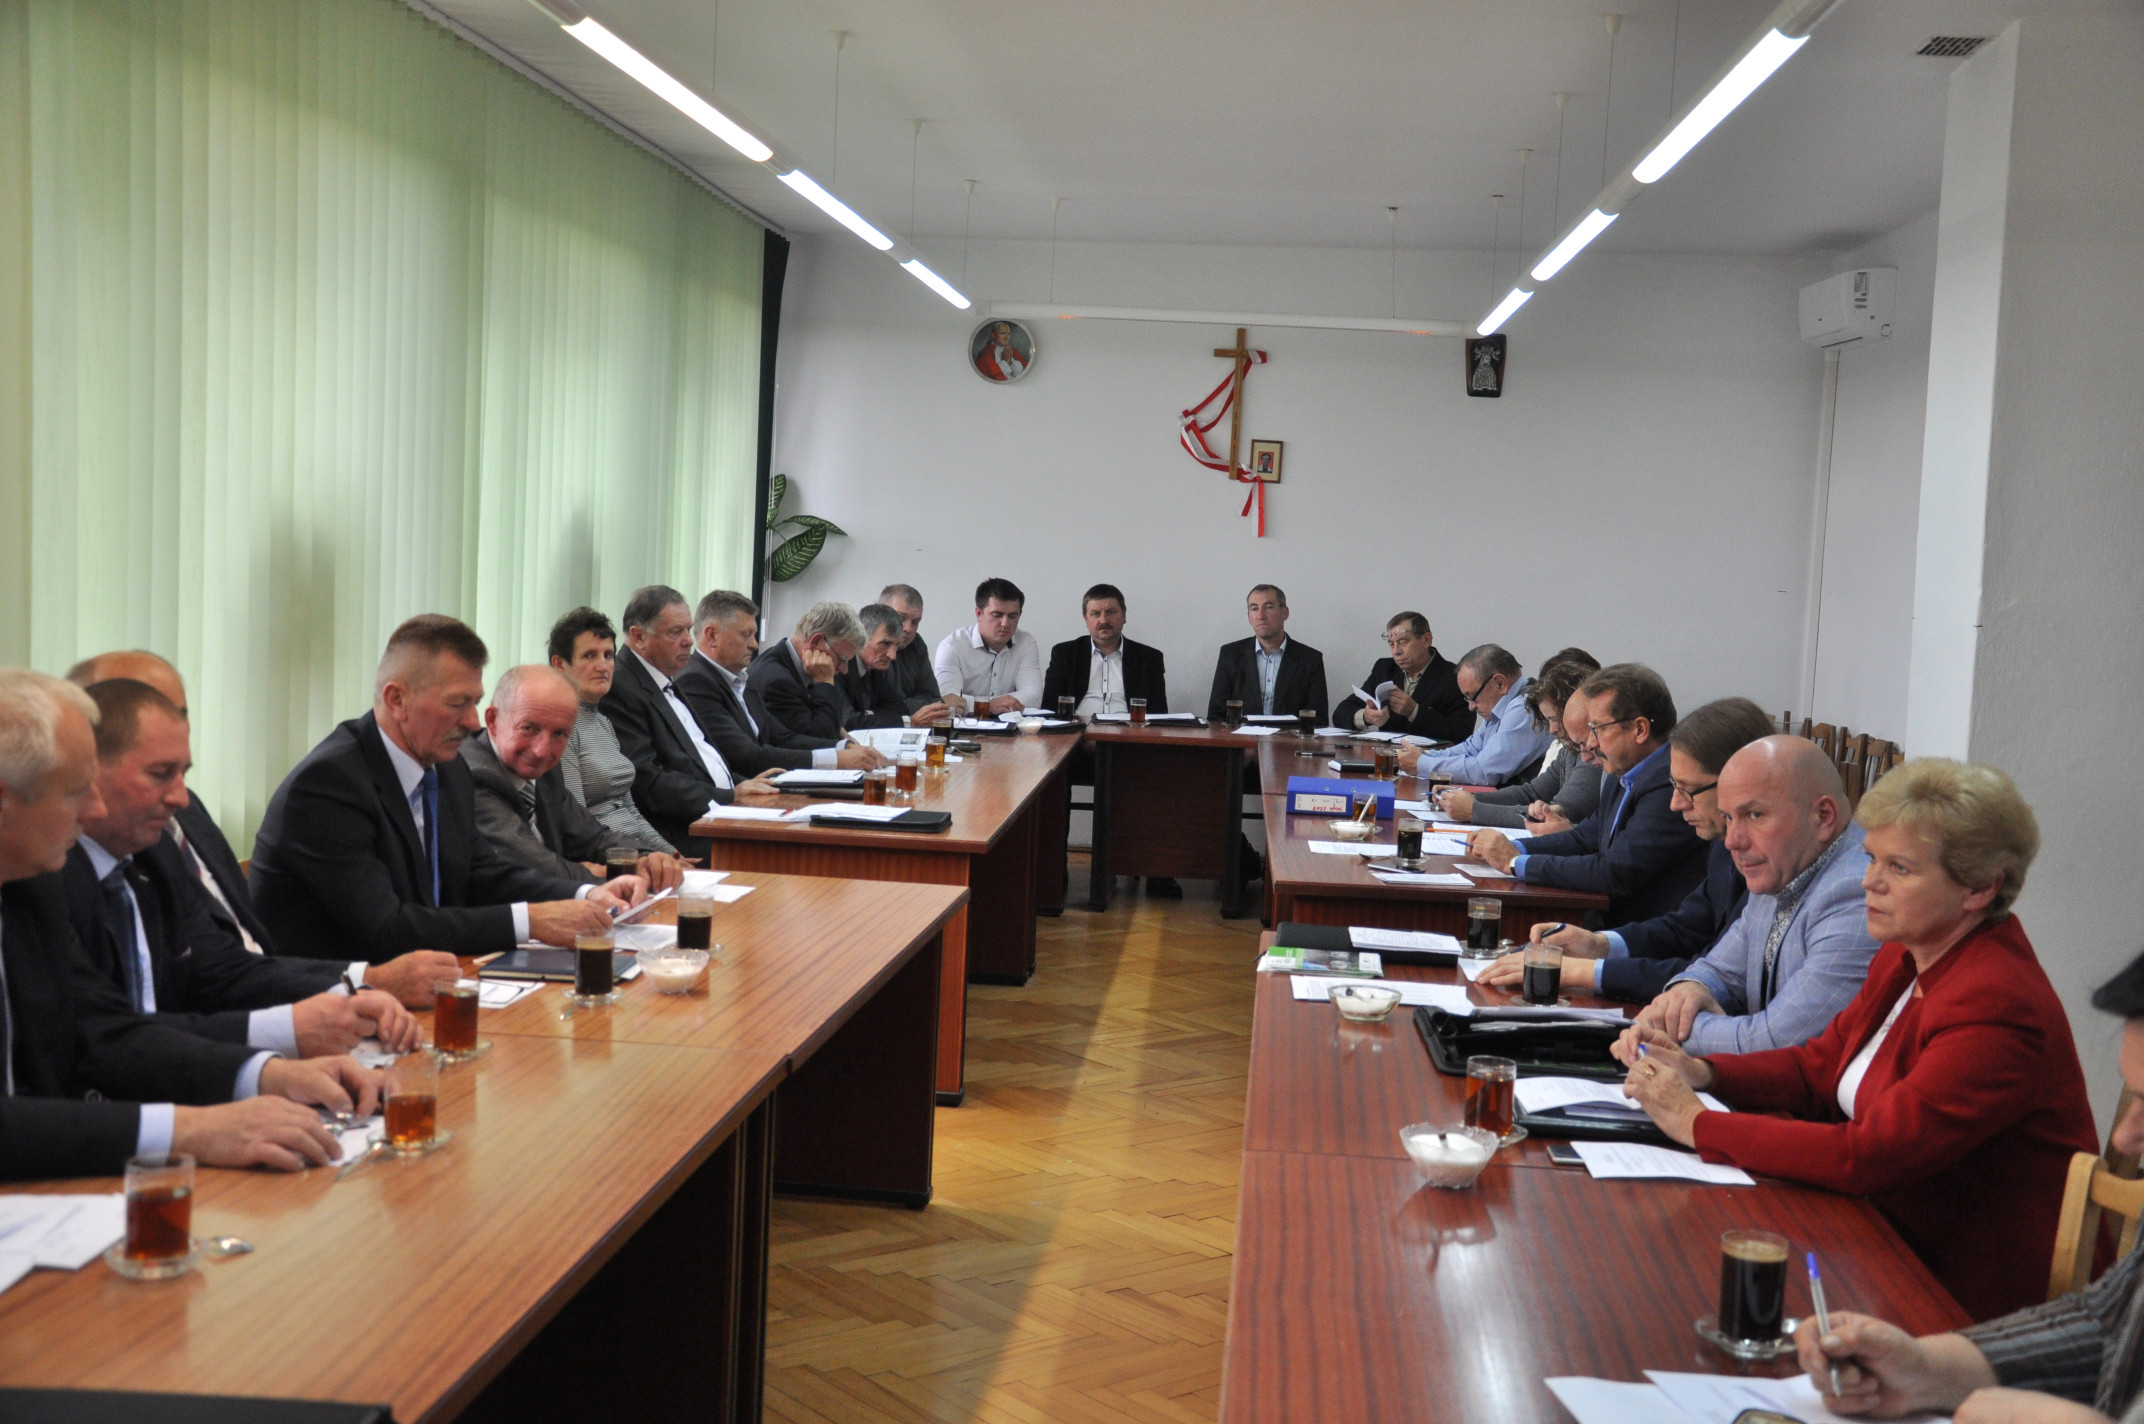 Gmina Cmolas. Odbyła się ostatnia sesja rady gminy, przed tegorocznymi wyborami samorządowymi [GALERIA ZDJĘĆ] - Zdjęcie główne